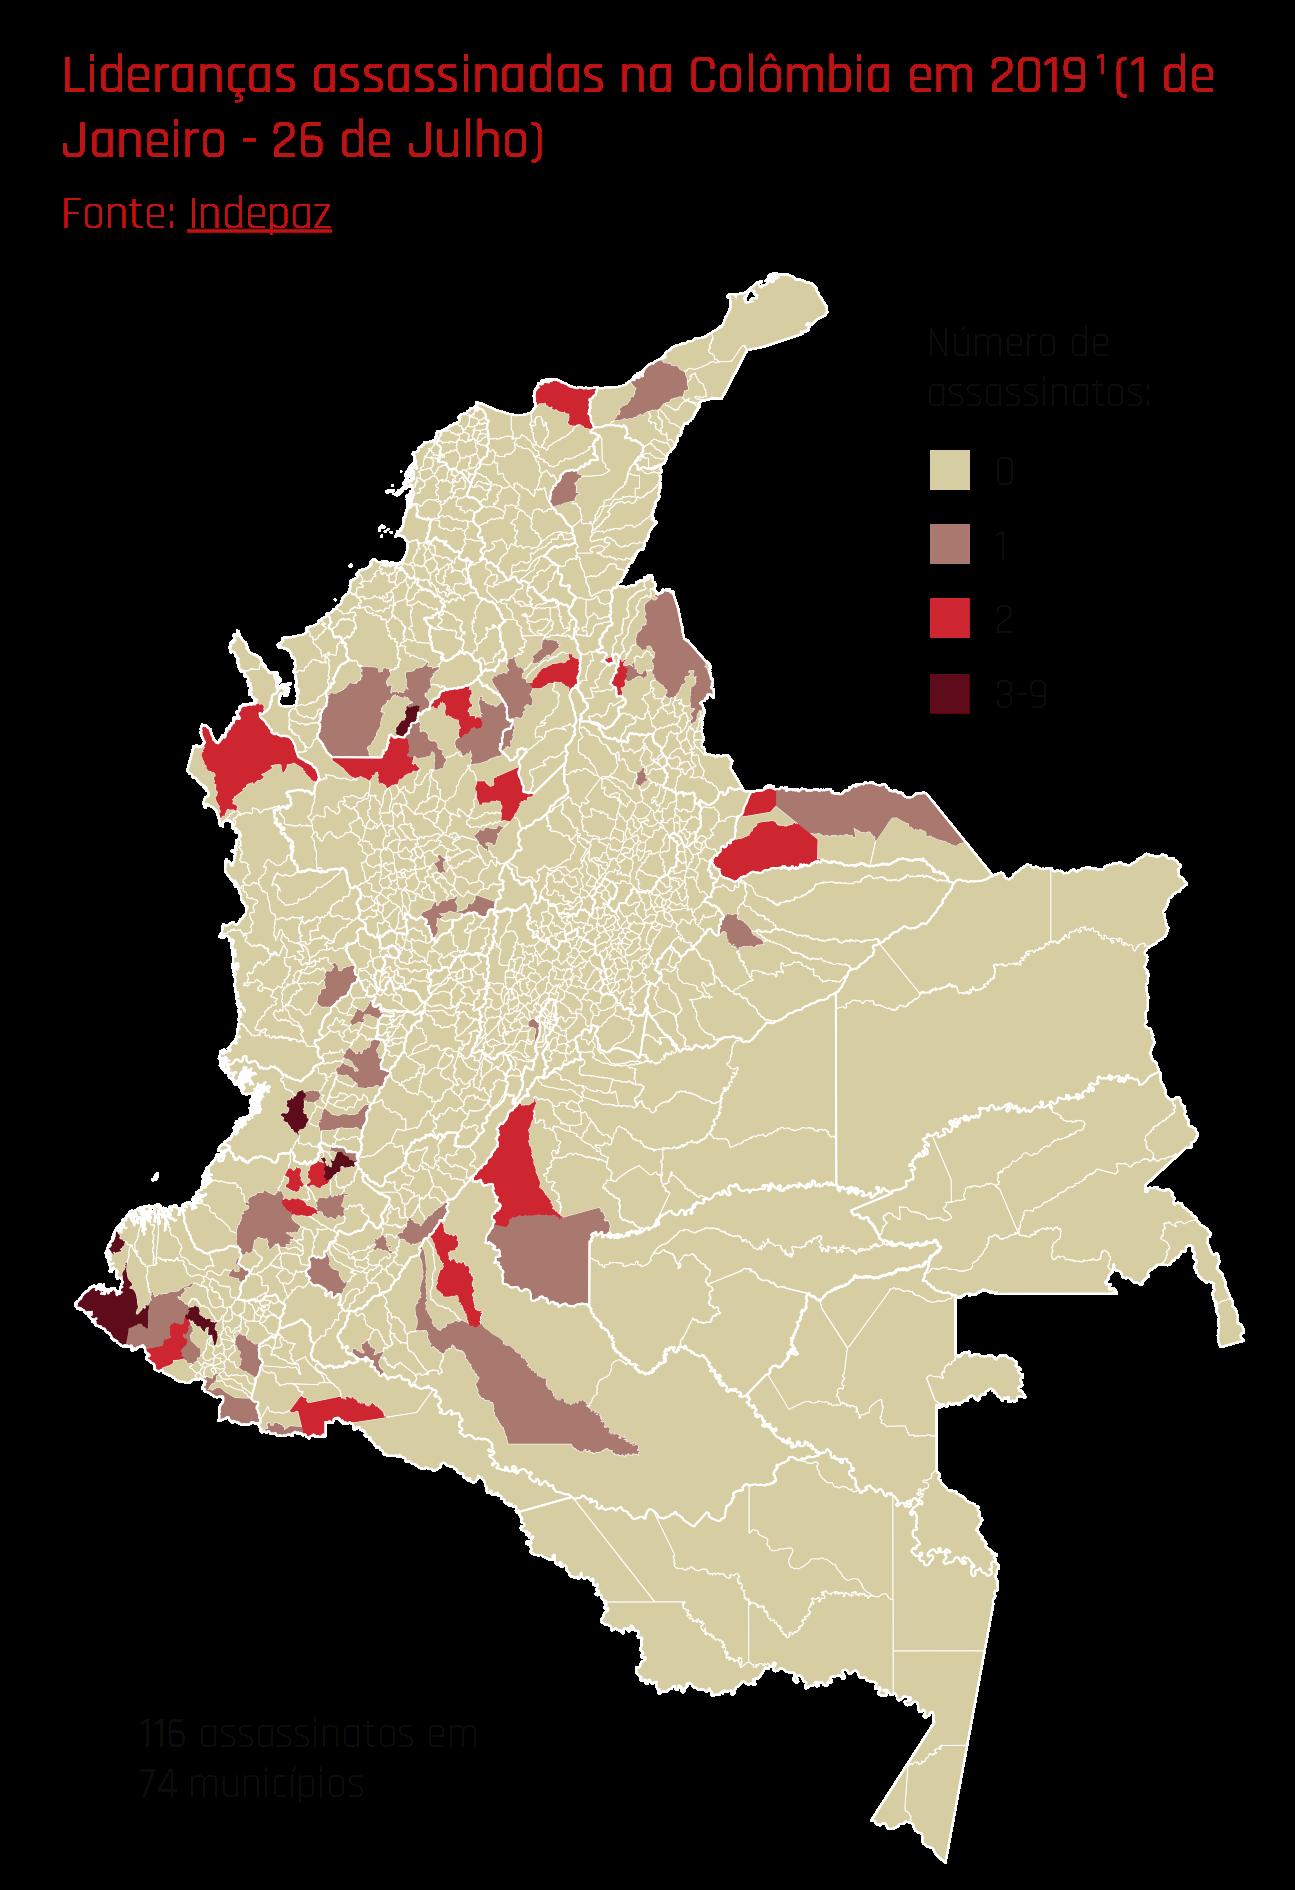 Lideranças assassinadas na Colômbia em 2019